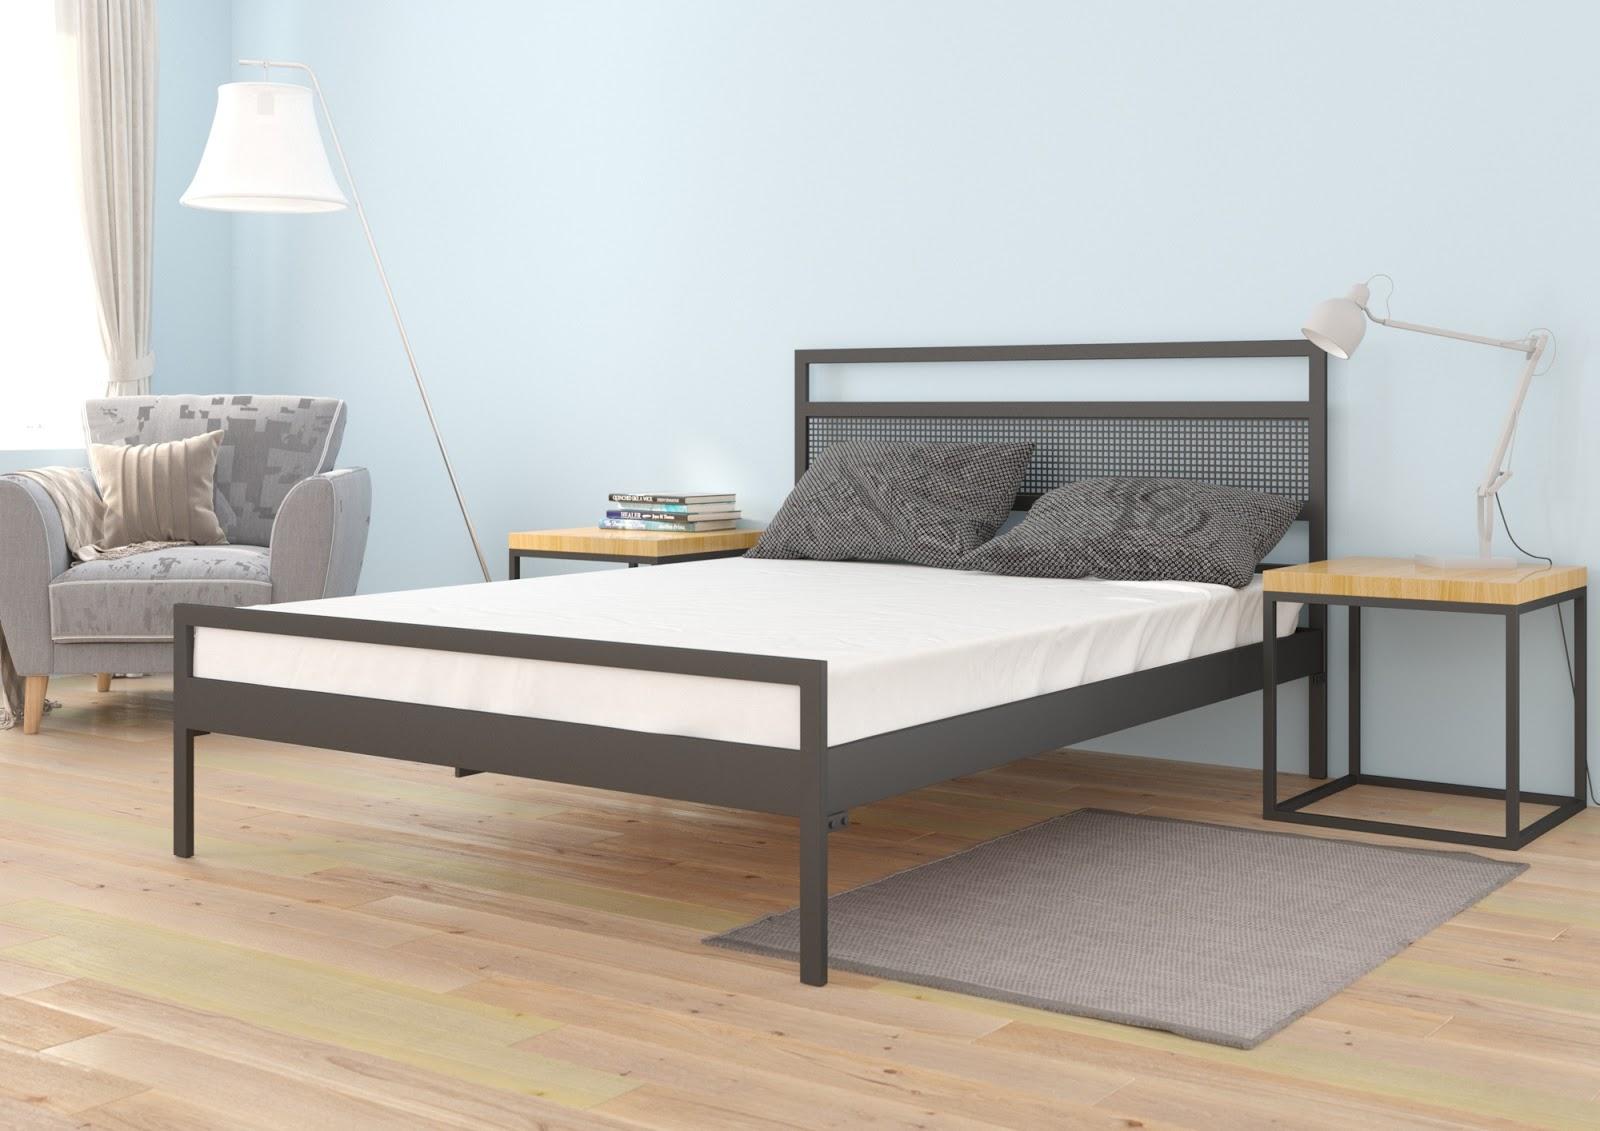 Łóżko metalowe (wzór 42) – nowy produkt w ofercie Lak System